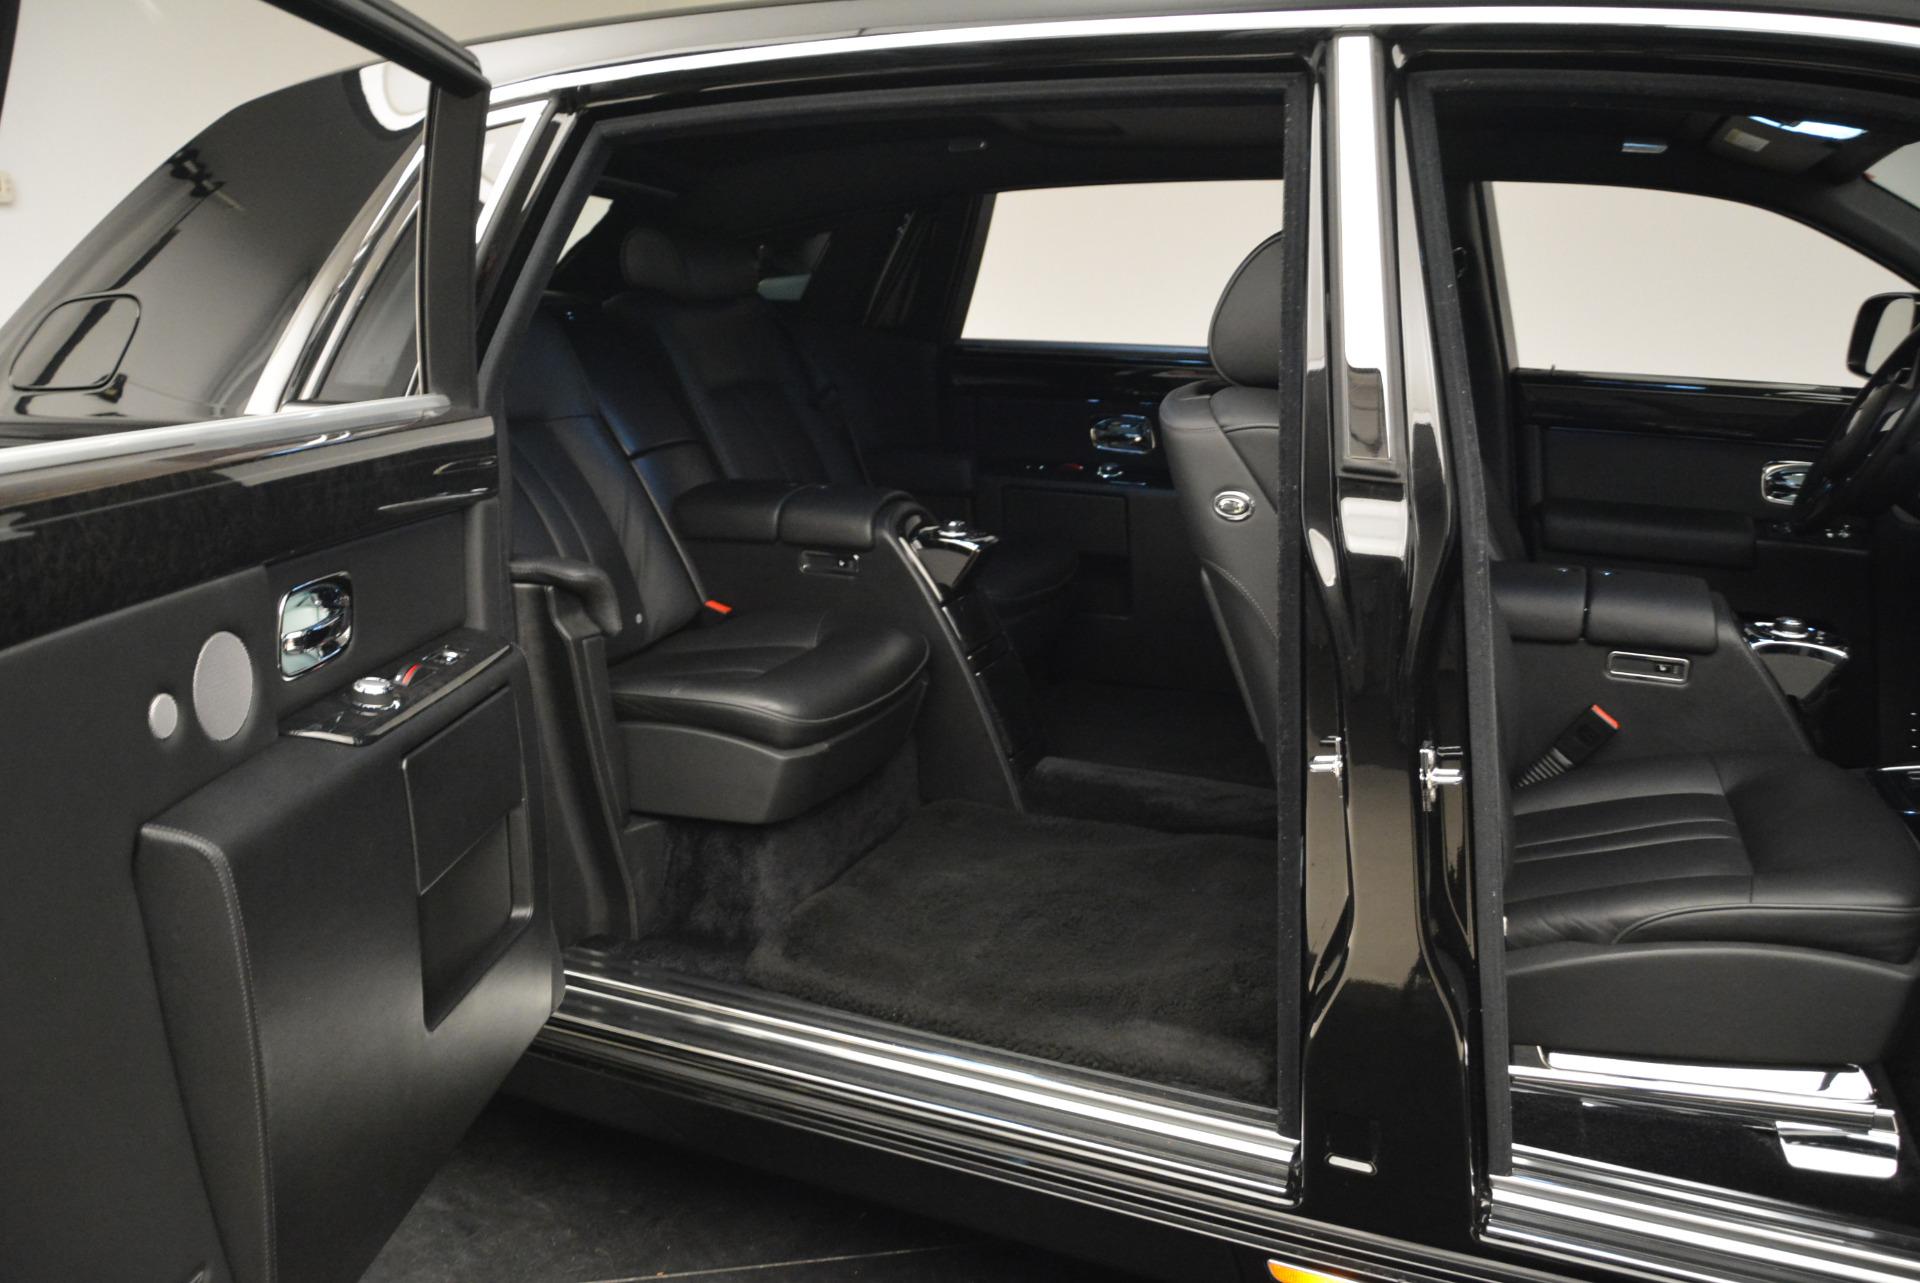 Used 2014 Rolls-Royce Phantom EWB For Sale In Westport, CT 2051_p11